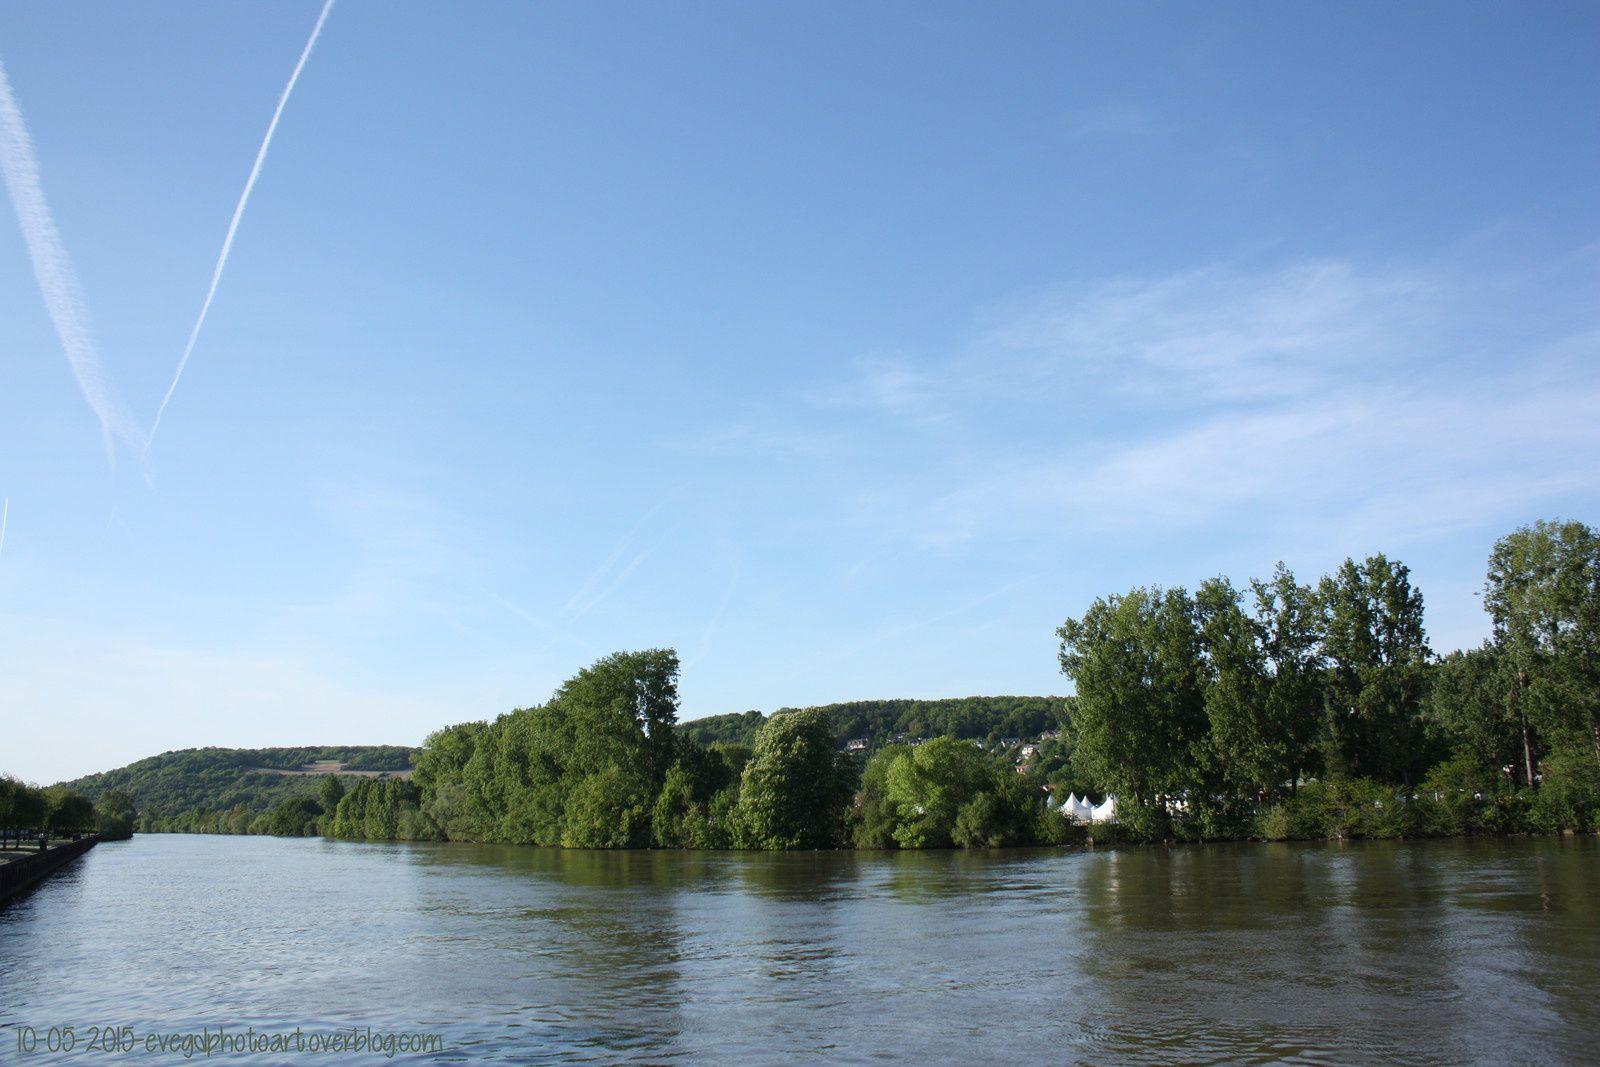 Retrouver les Bords de Seine...